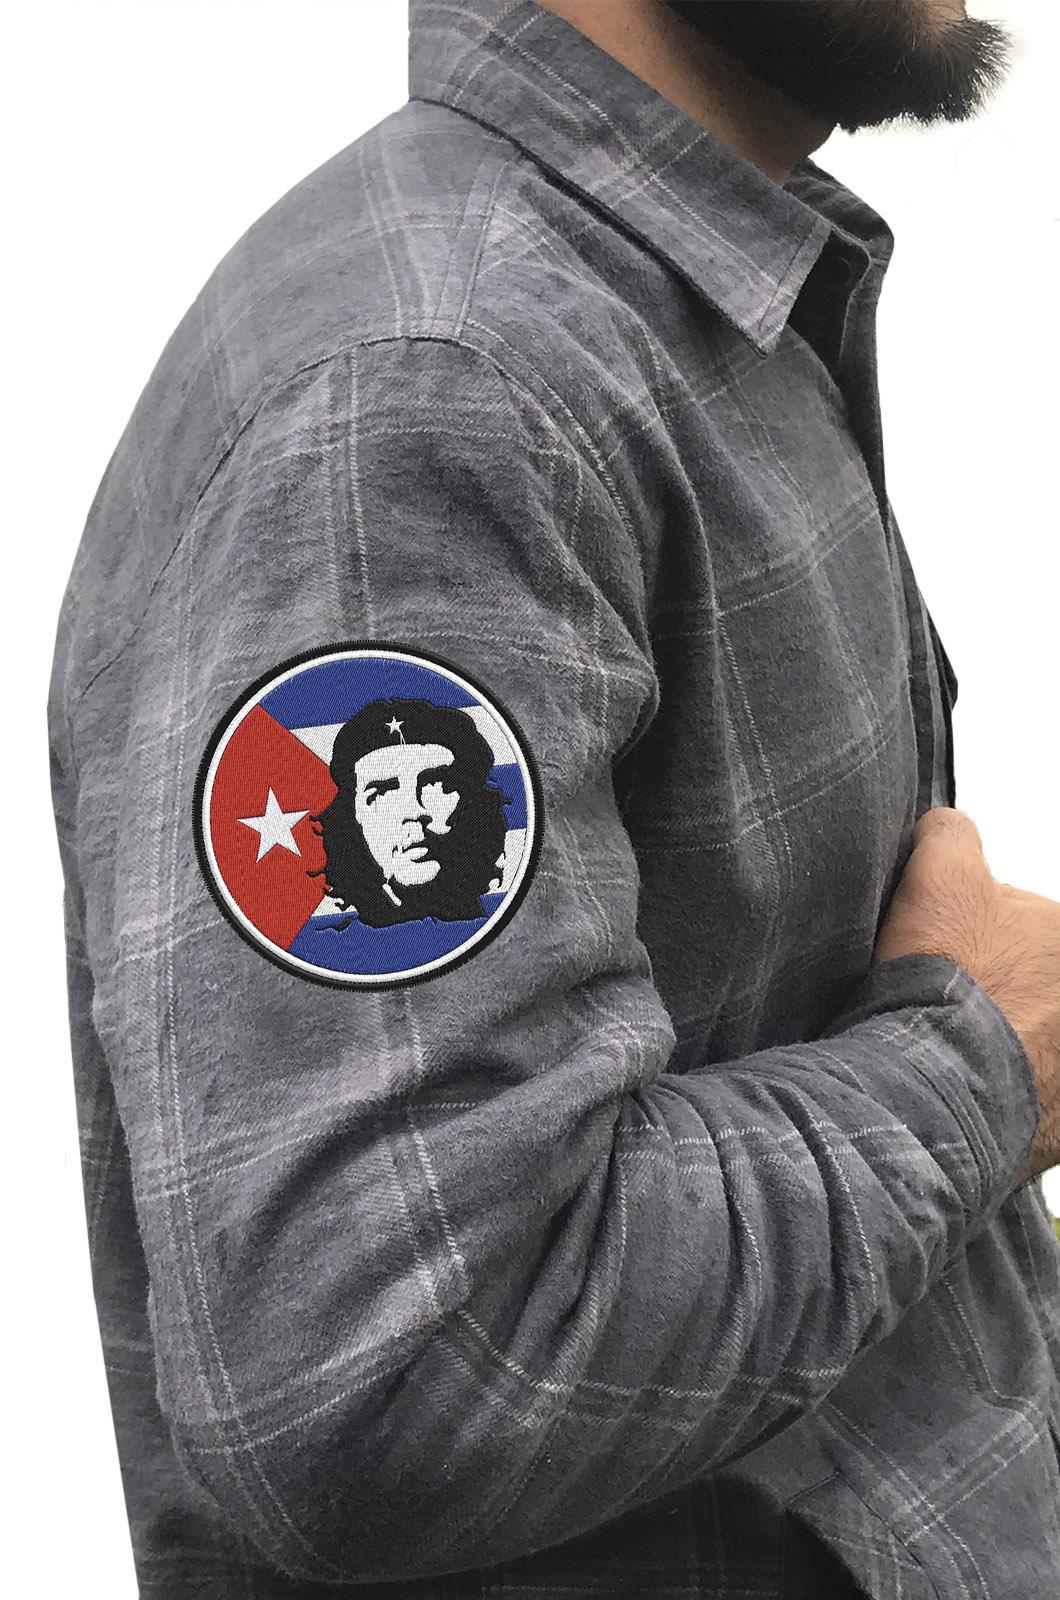 Стильная утепленная рубашка с вышитым шевроном Че Гевара - купить онлайн